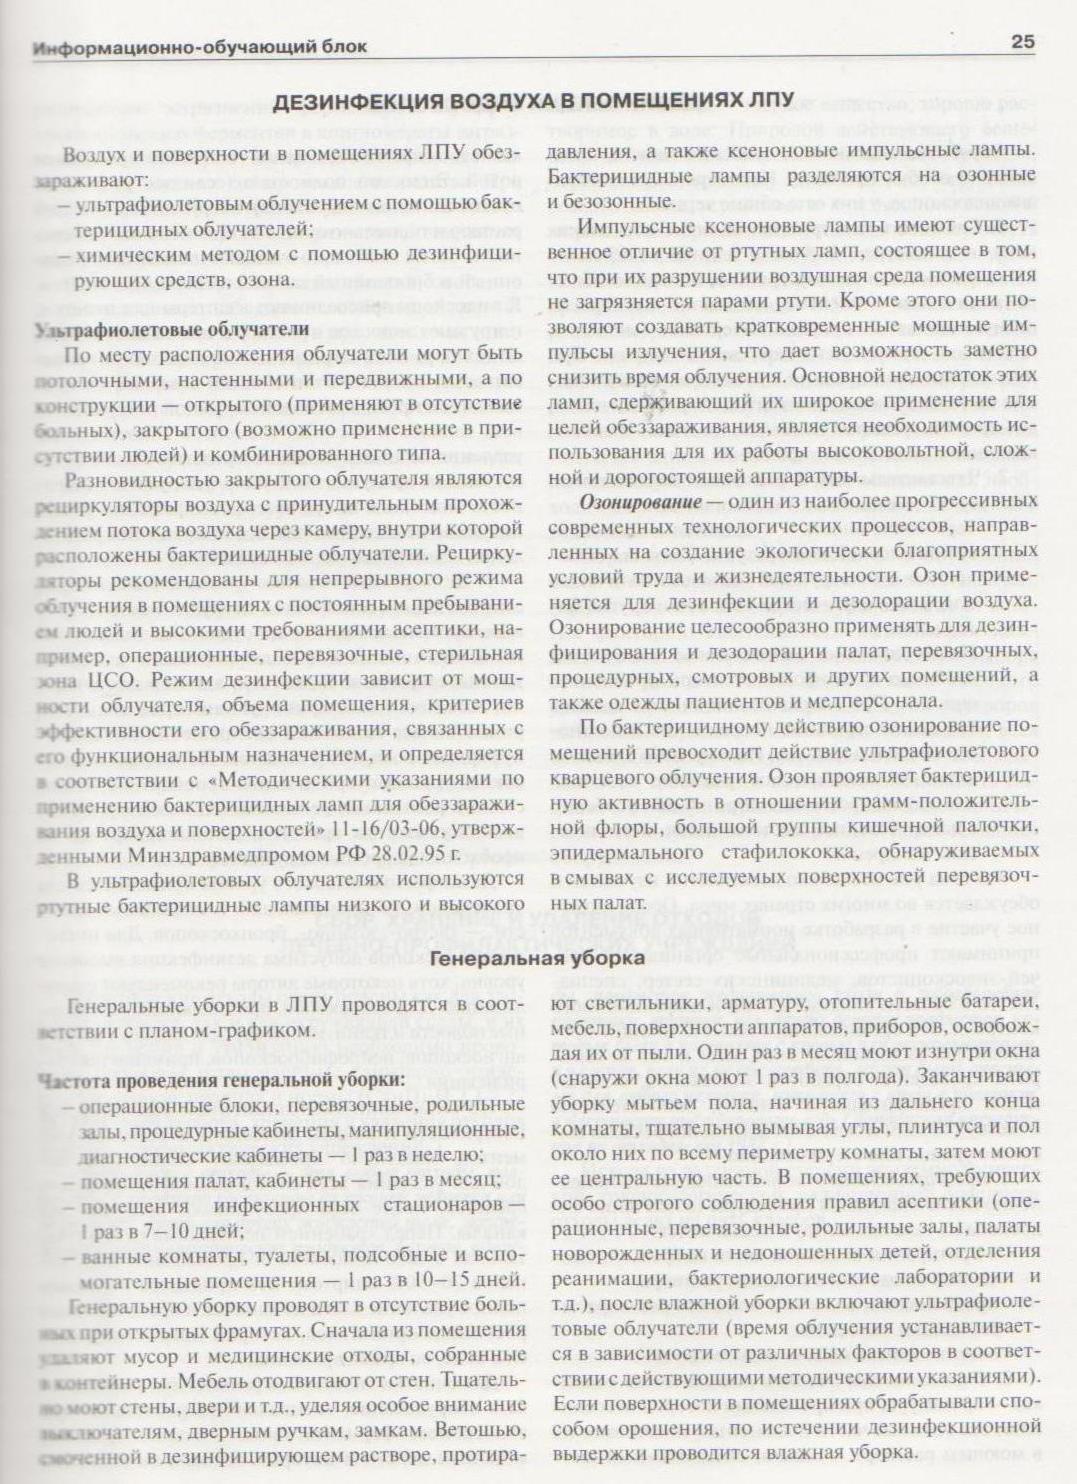 схема сбора утилизации шприцев одноразового применения